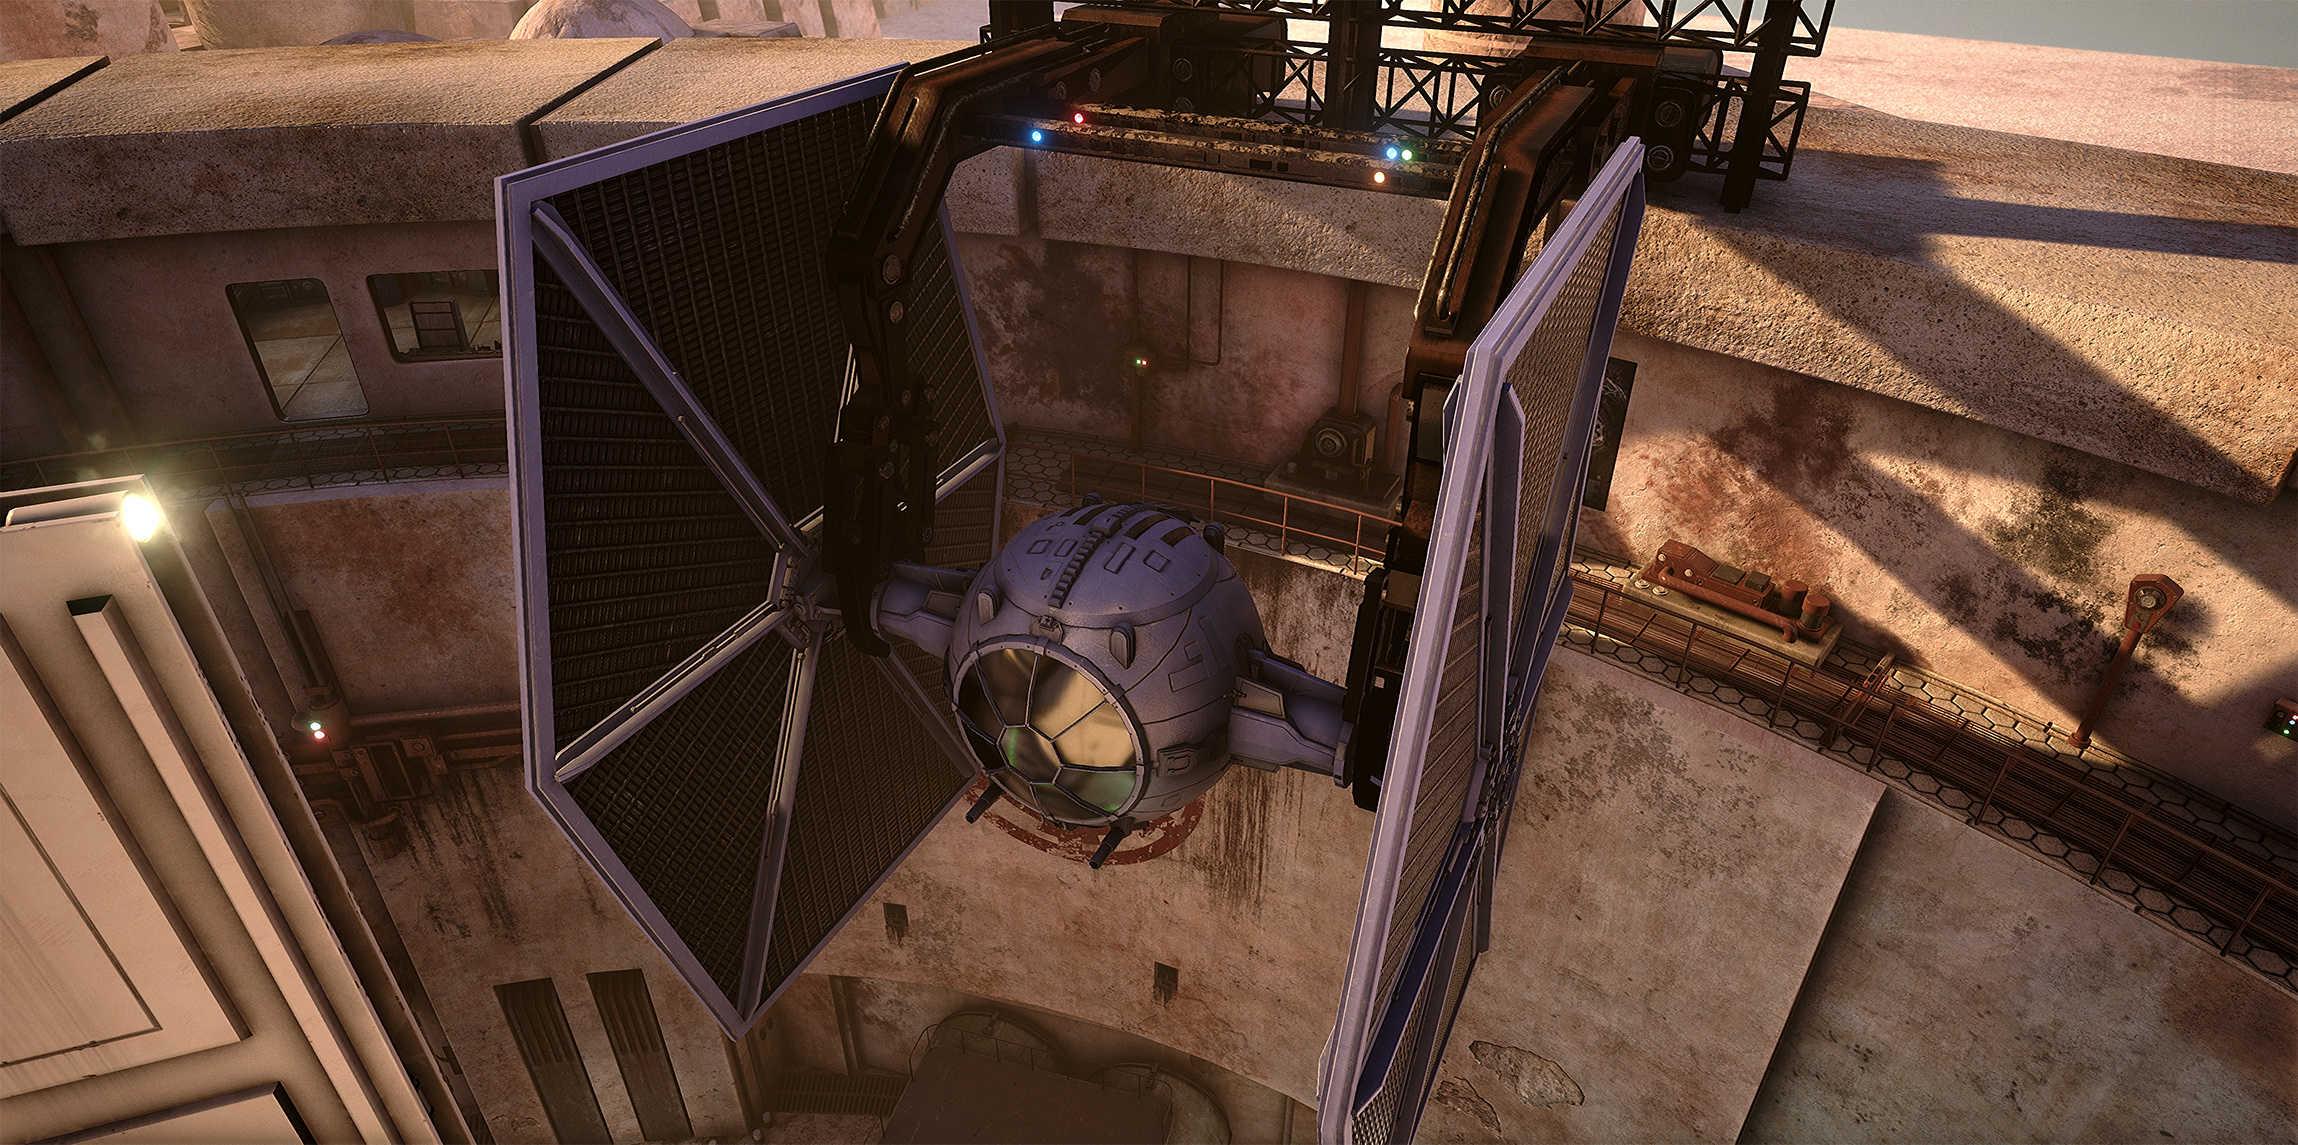 Vývojáři z Obsidianu vytvořili překrásnou Star Wars scenérii v enginu Unreal 4 130546